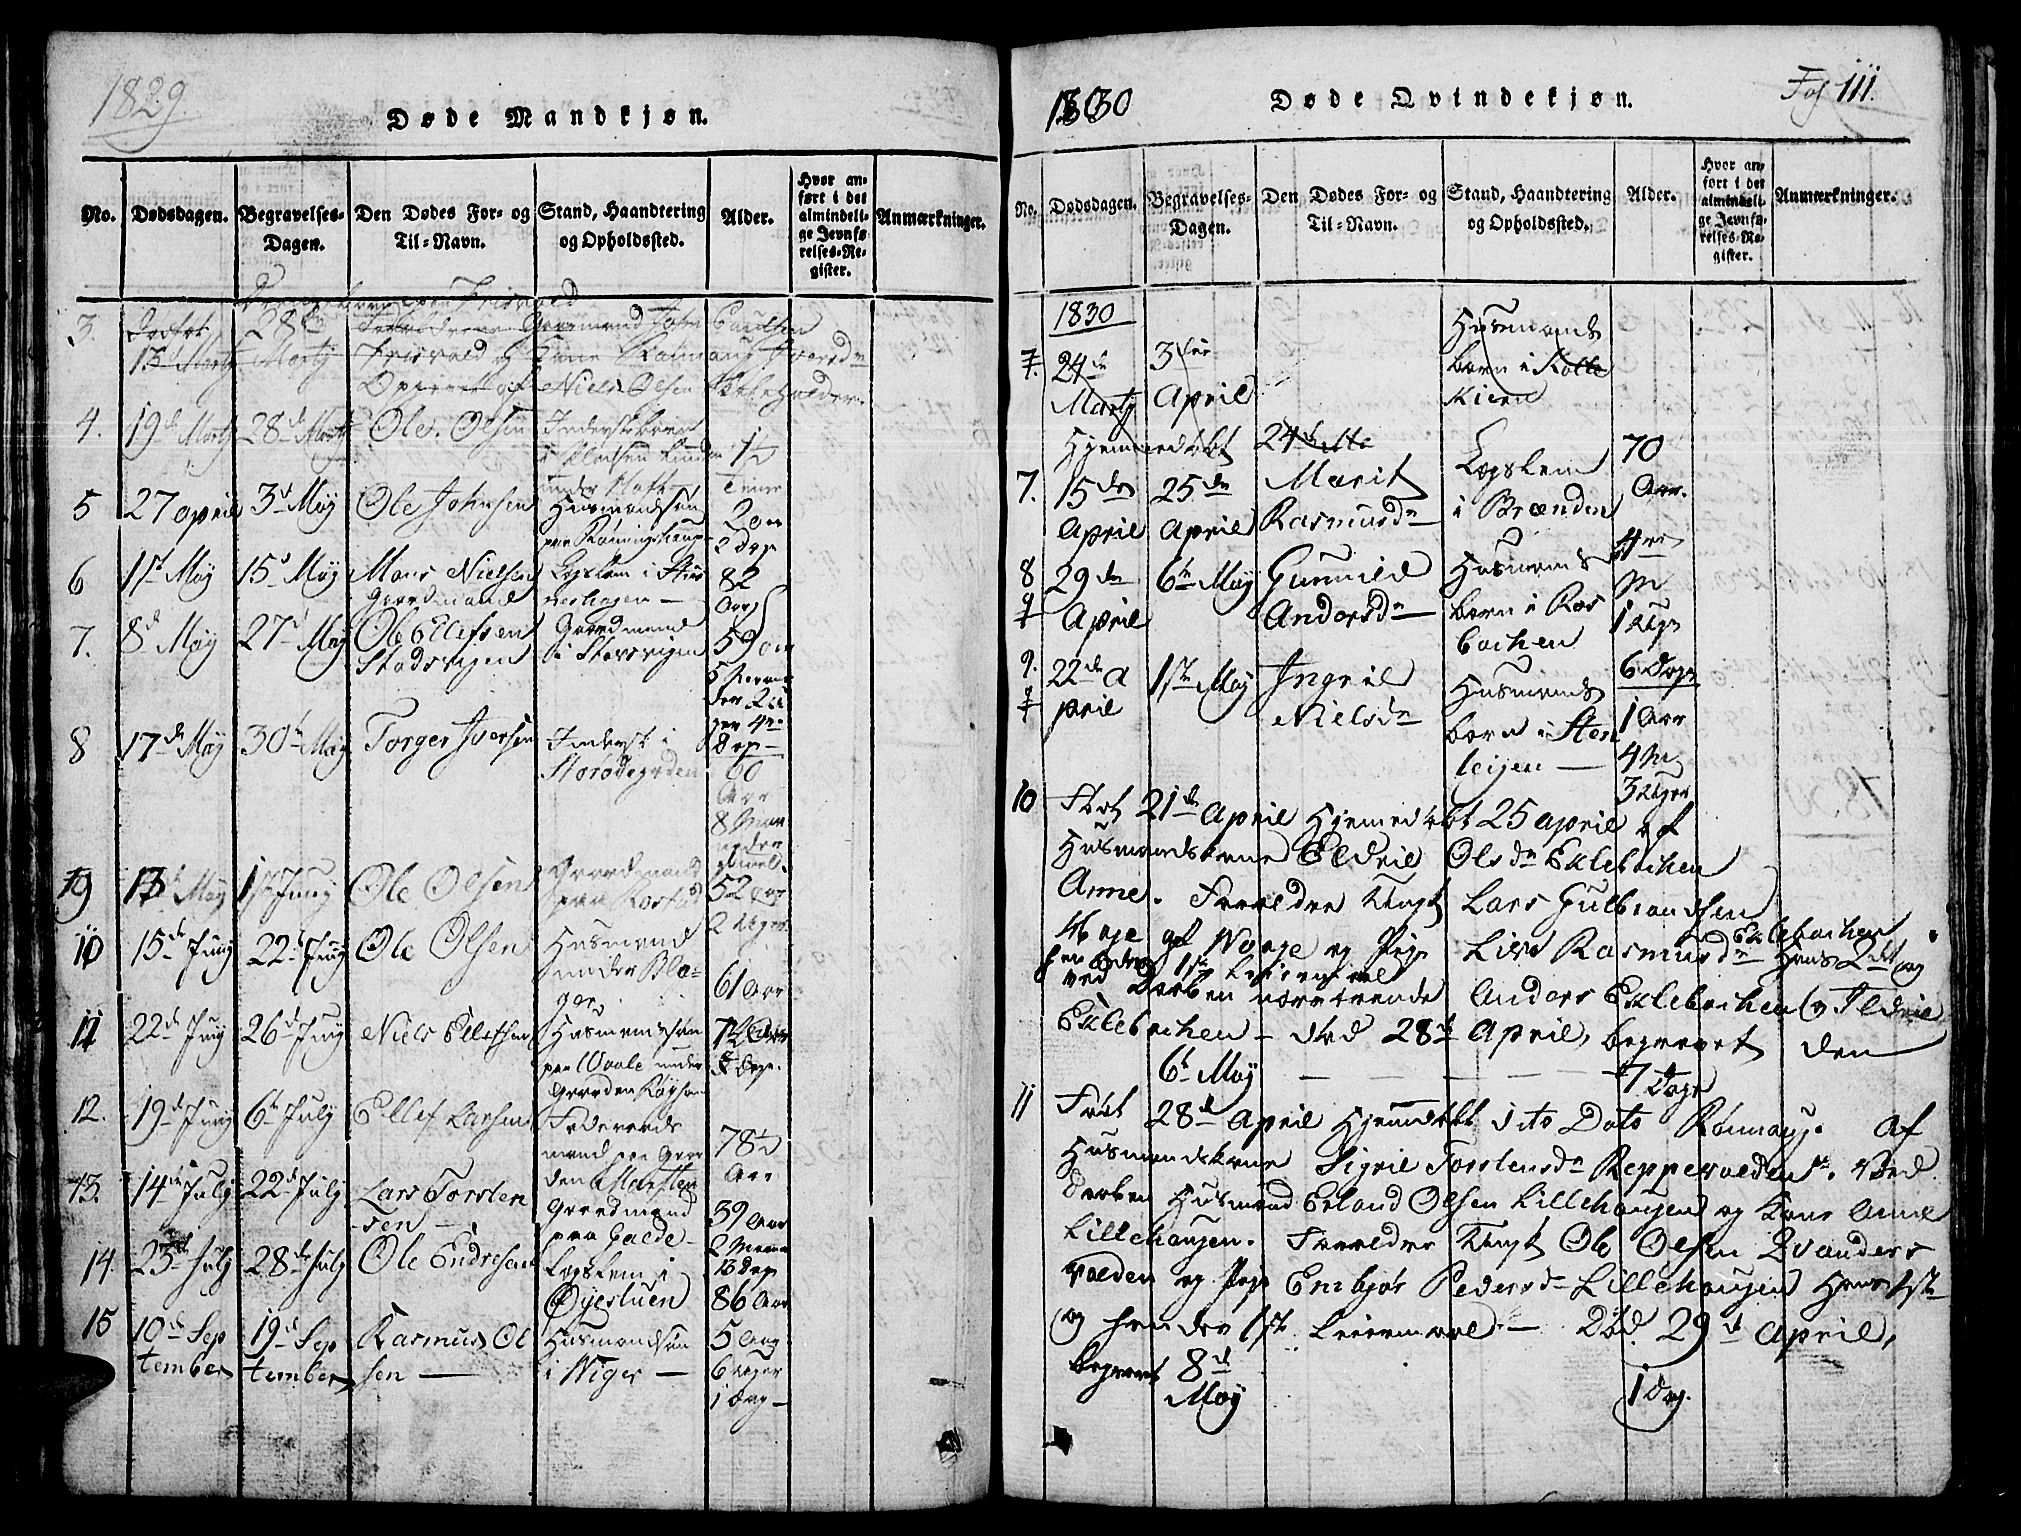 SAH, Lom prestekontor, L/L0001: Klokkerbok nr. 1, 1815-1836, s. 111